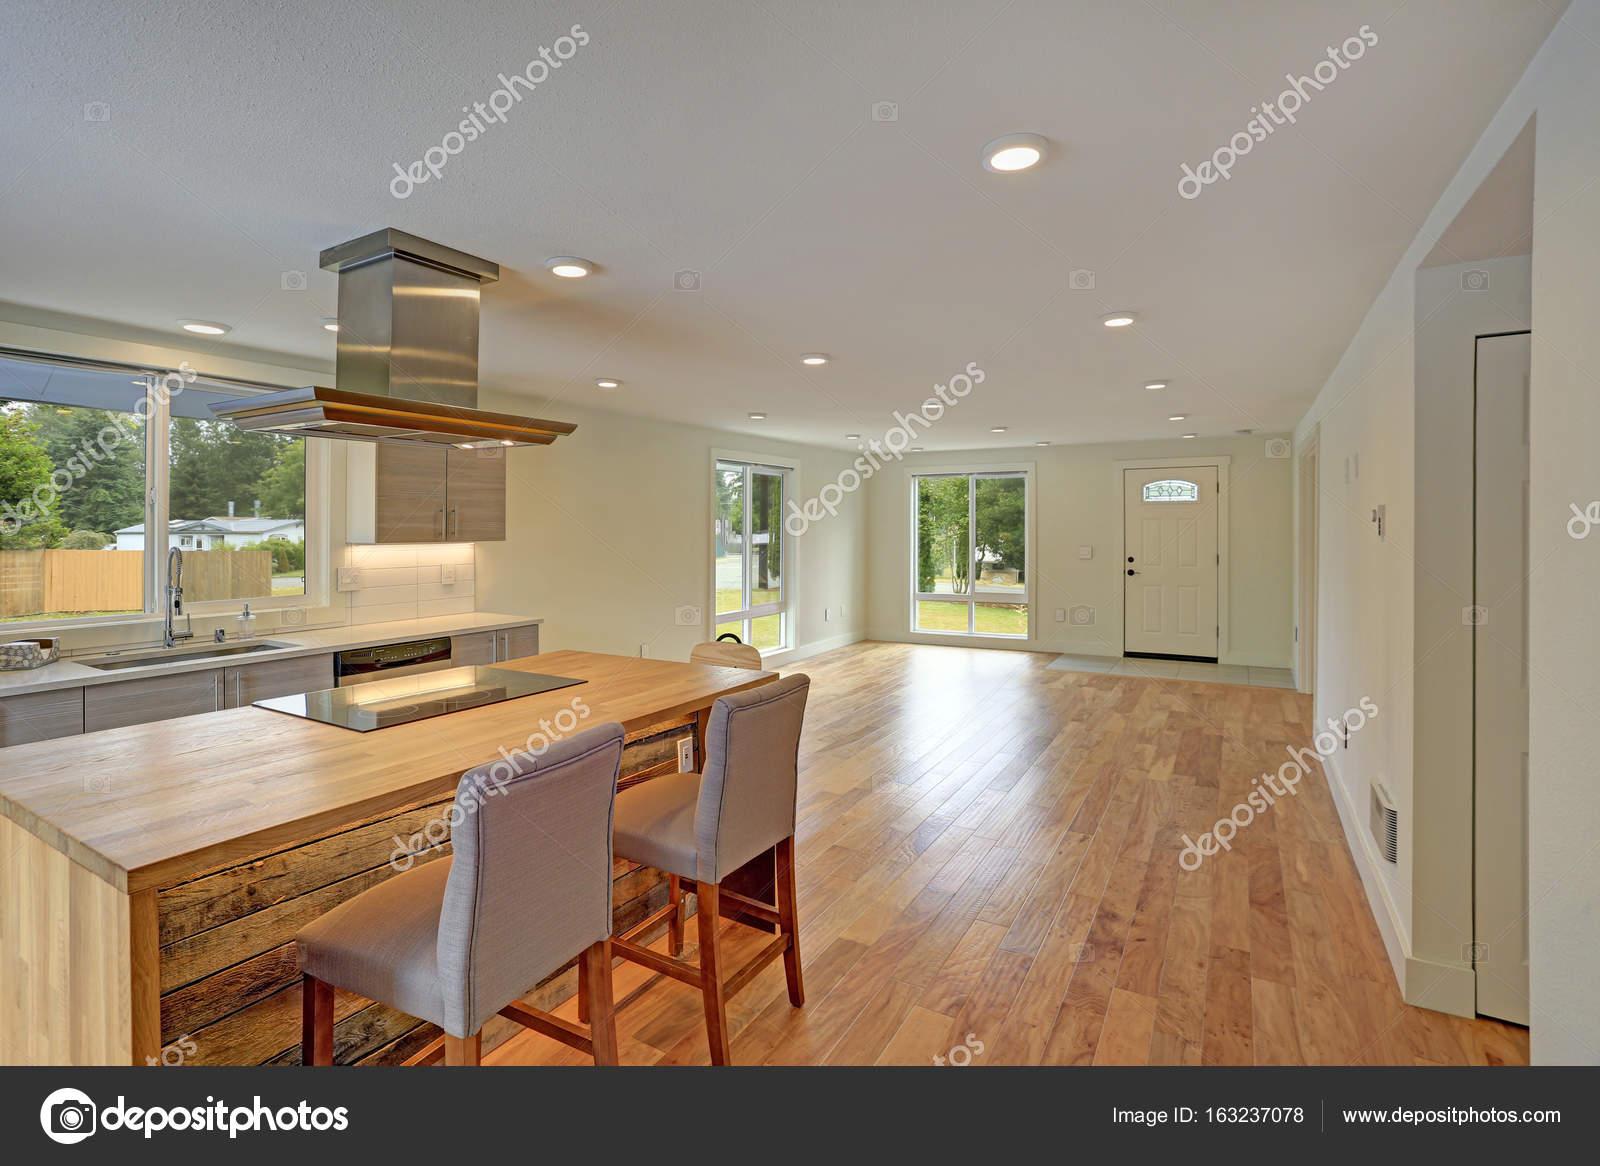 Offener Grundriss Innenraum verfügt über eine neu gestaltete Küche ...